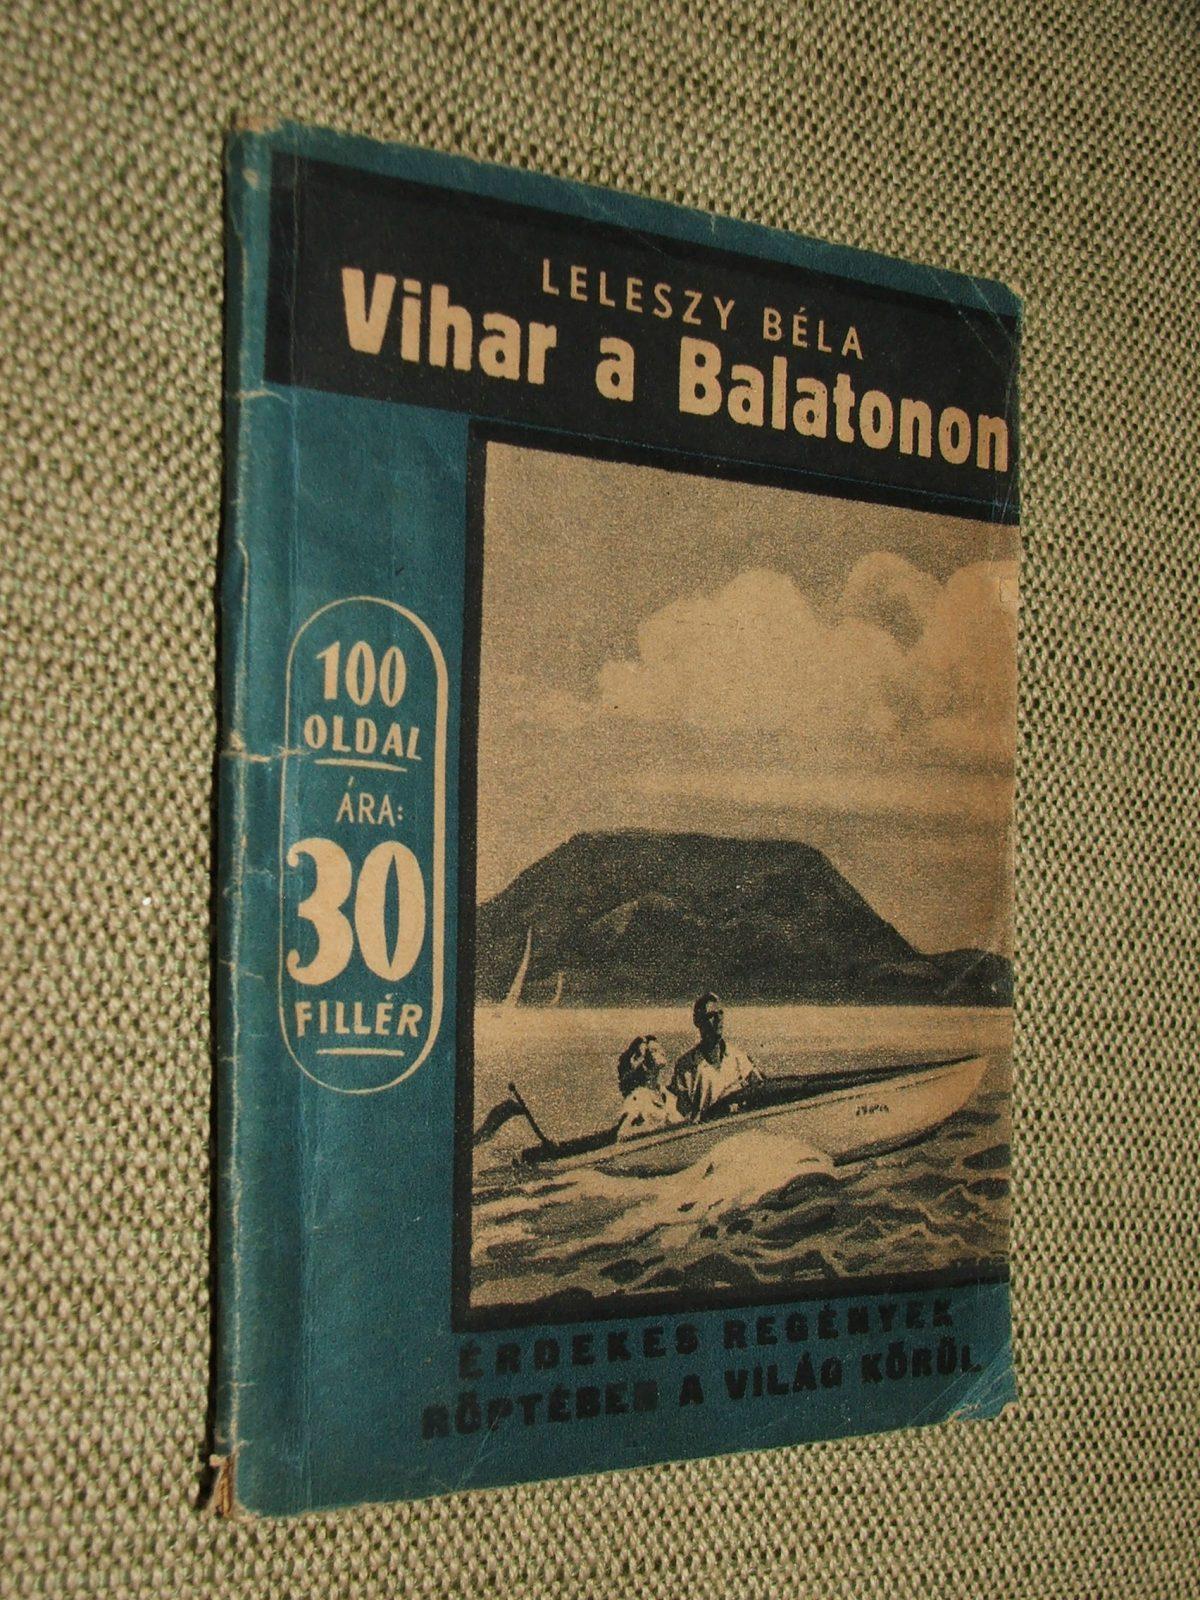 LELESZY Béla: Vihar a Balatonon